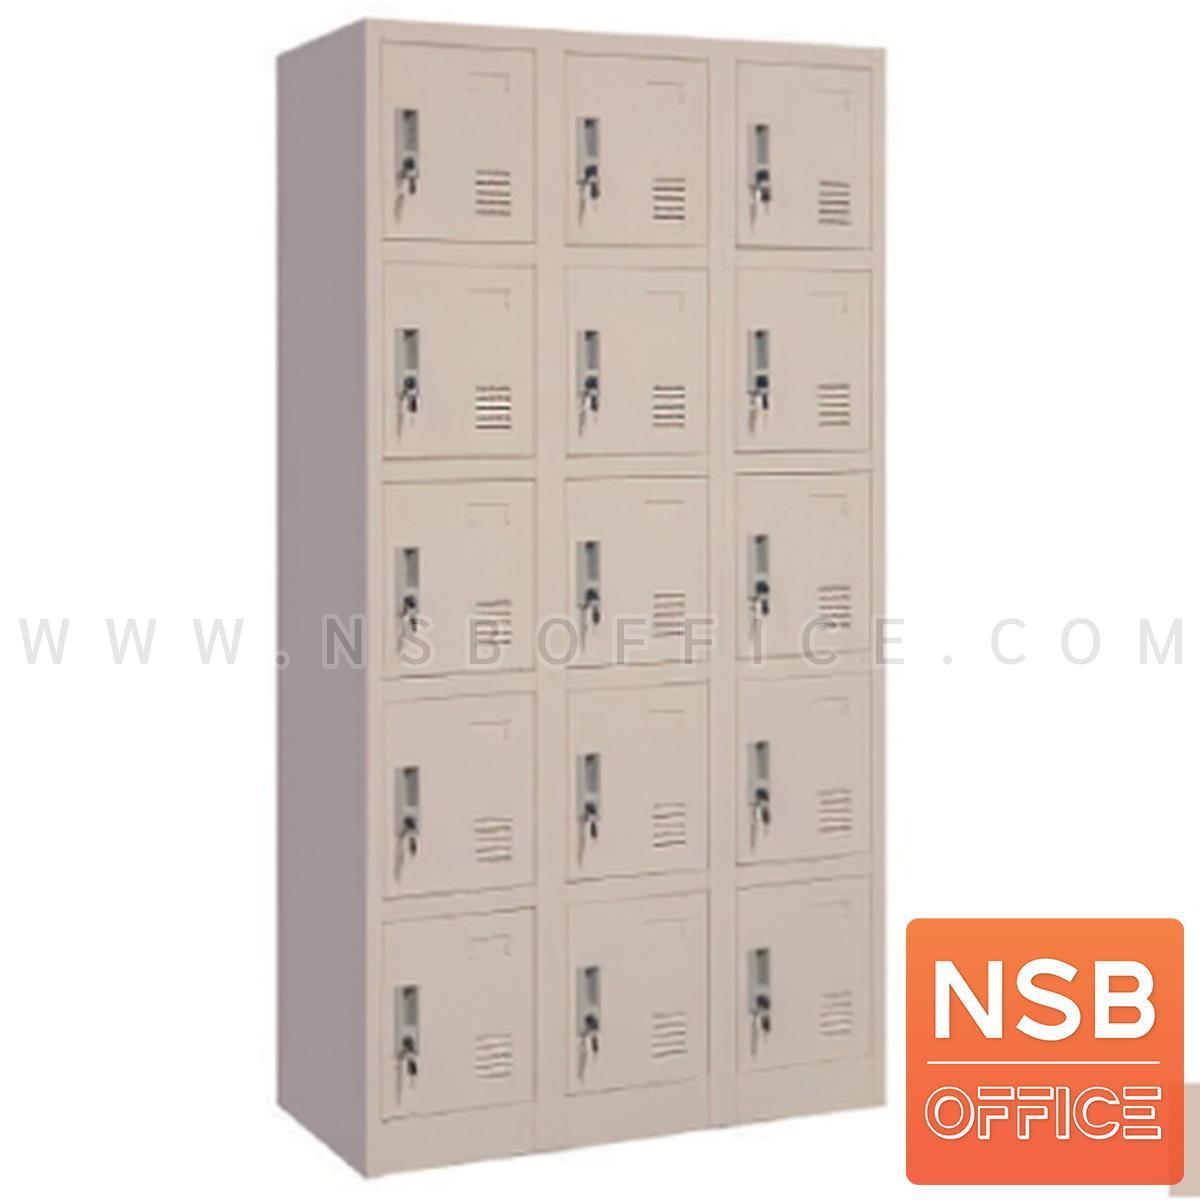 E03A057:ตู้ล็อกเกอร์ 15 ประตู รุ่น Sharla (ชาร์ล่า) ขนาด 94.5W*46D*183H cm.